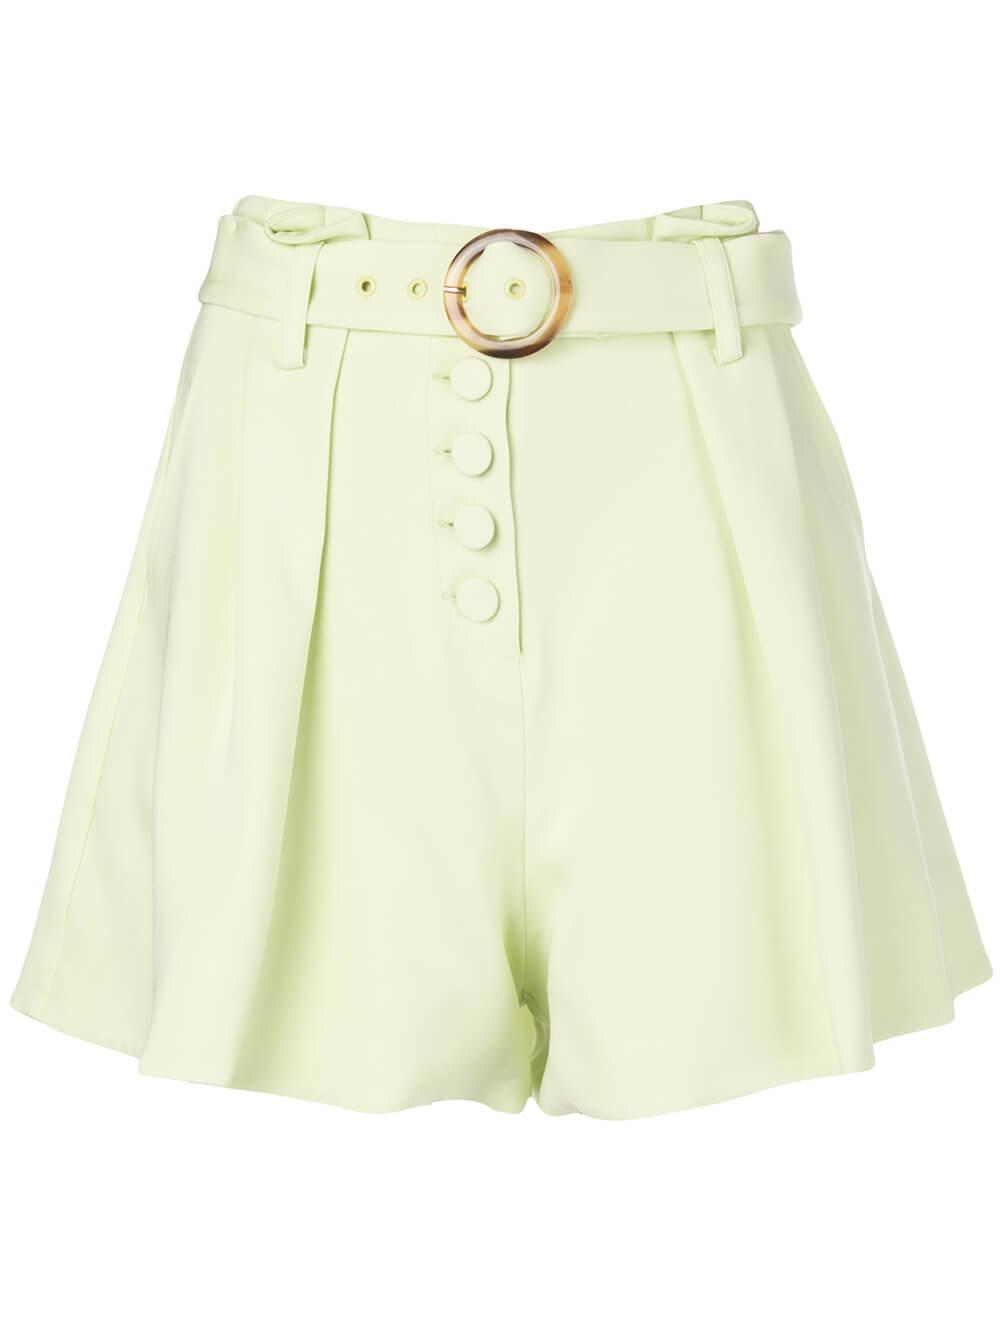 Lena Belted Crepe Short Item # 220-4009-R